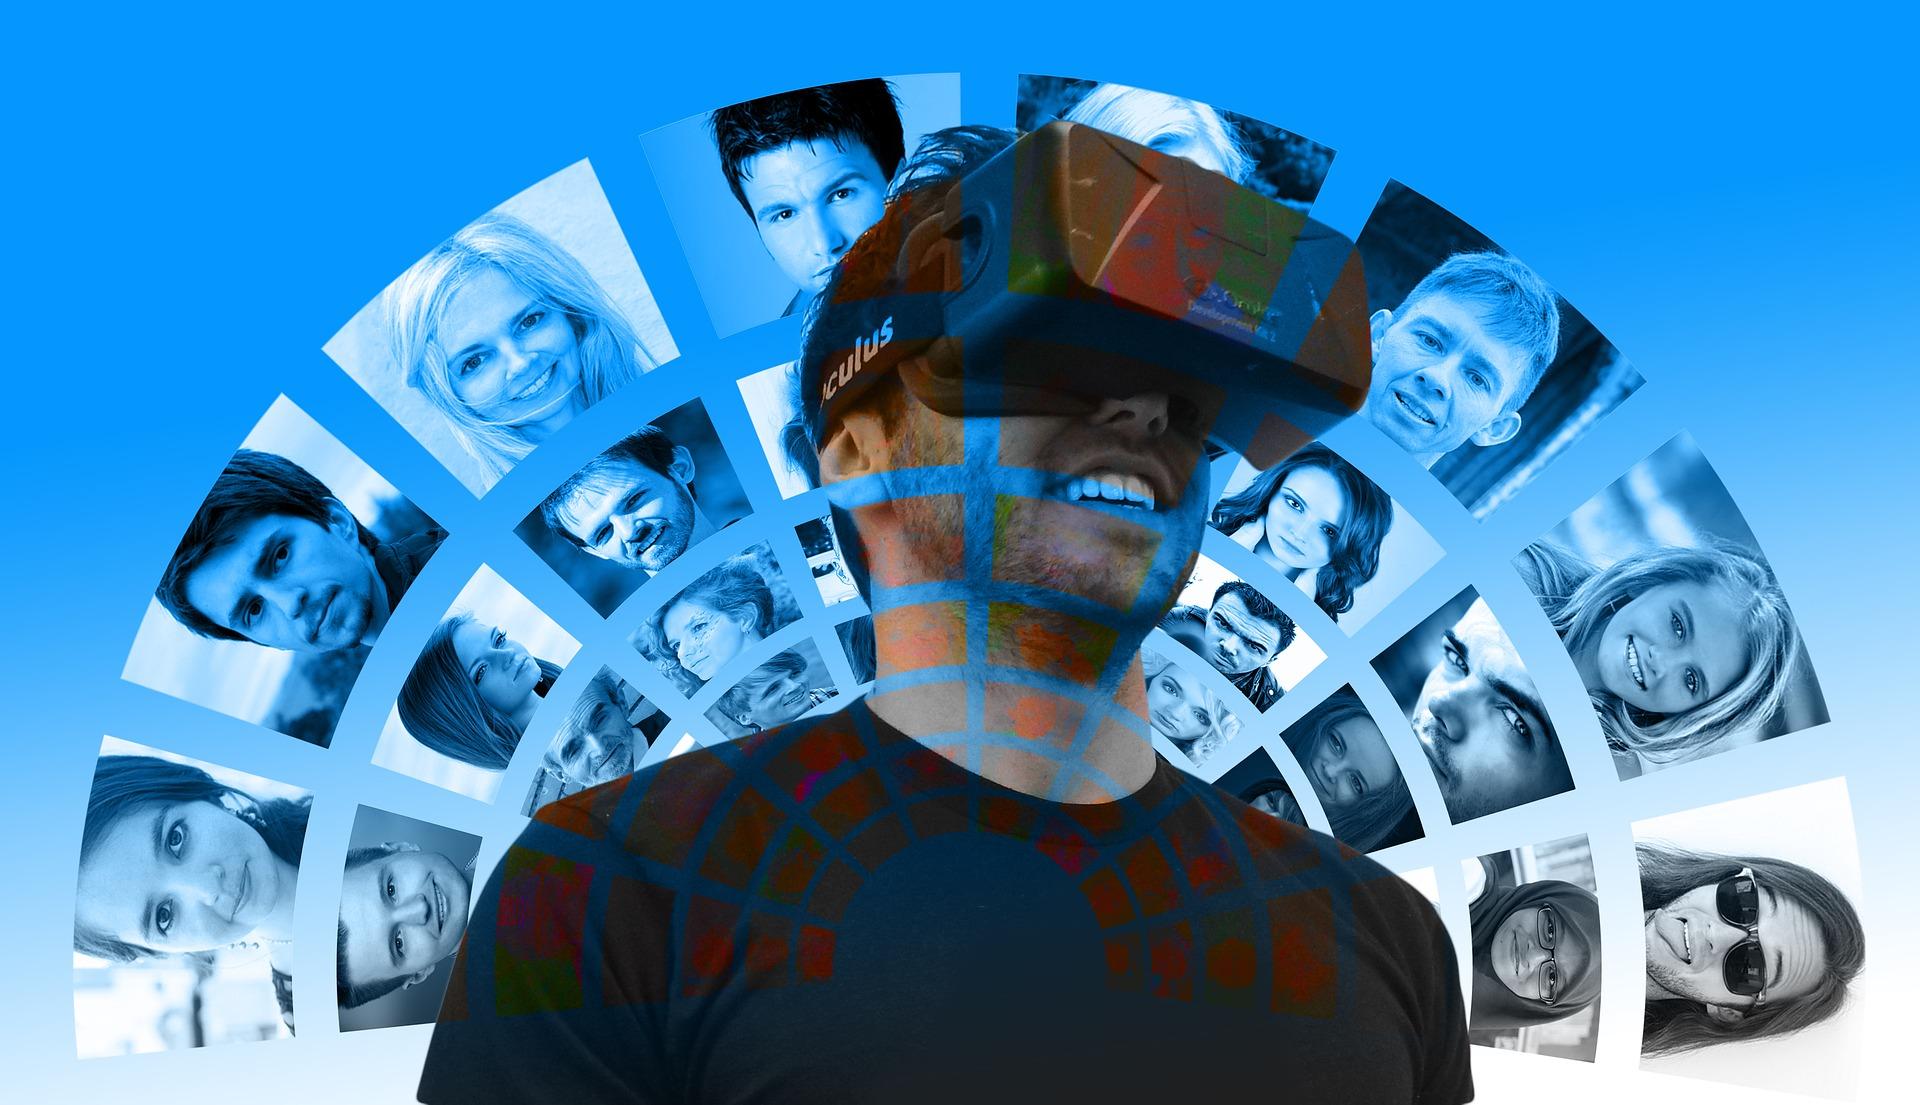 Realtà aumentata, virtuale